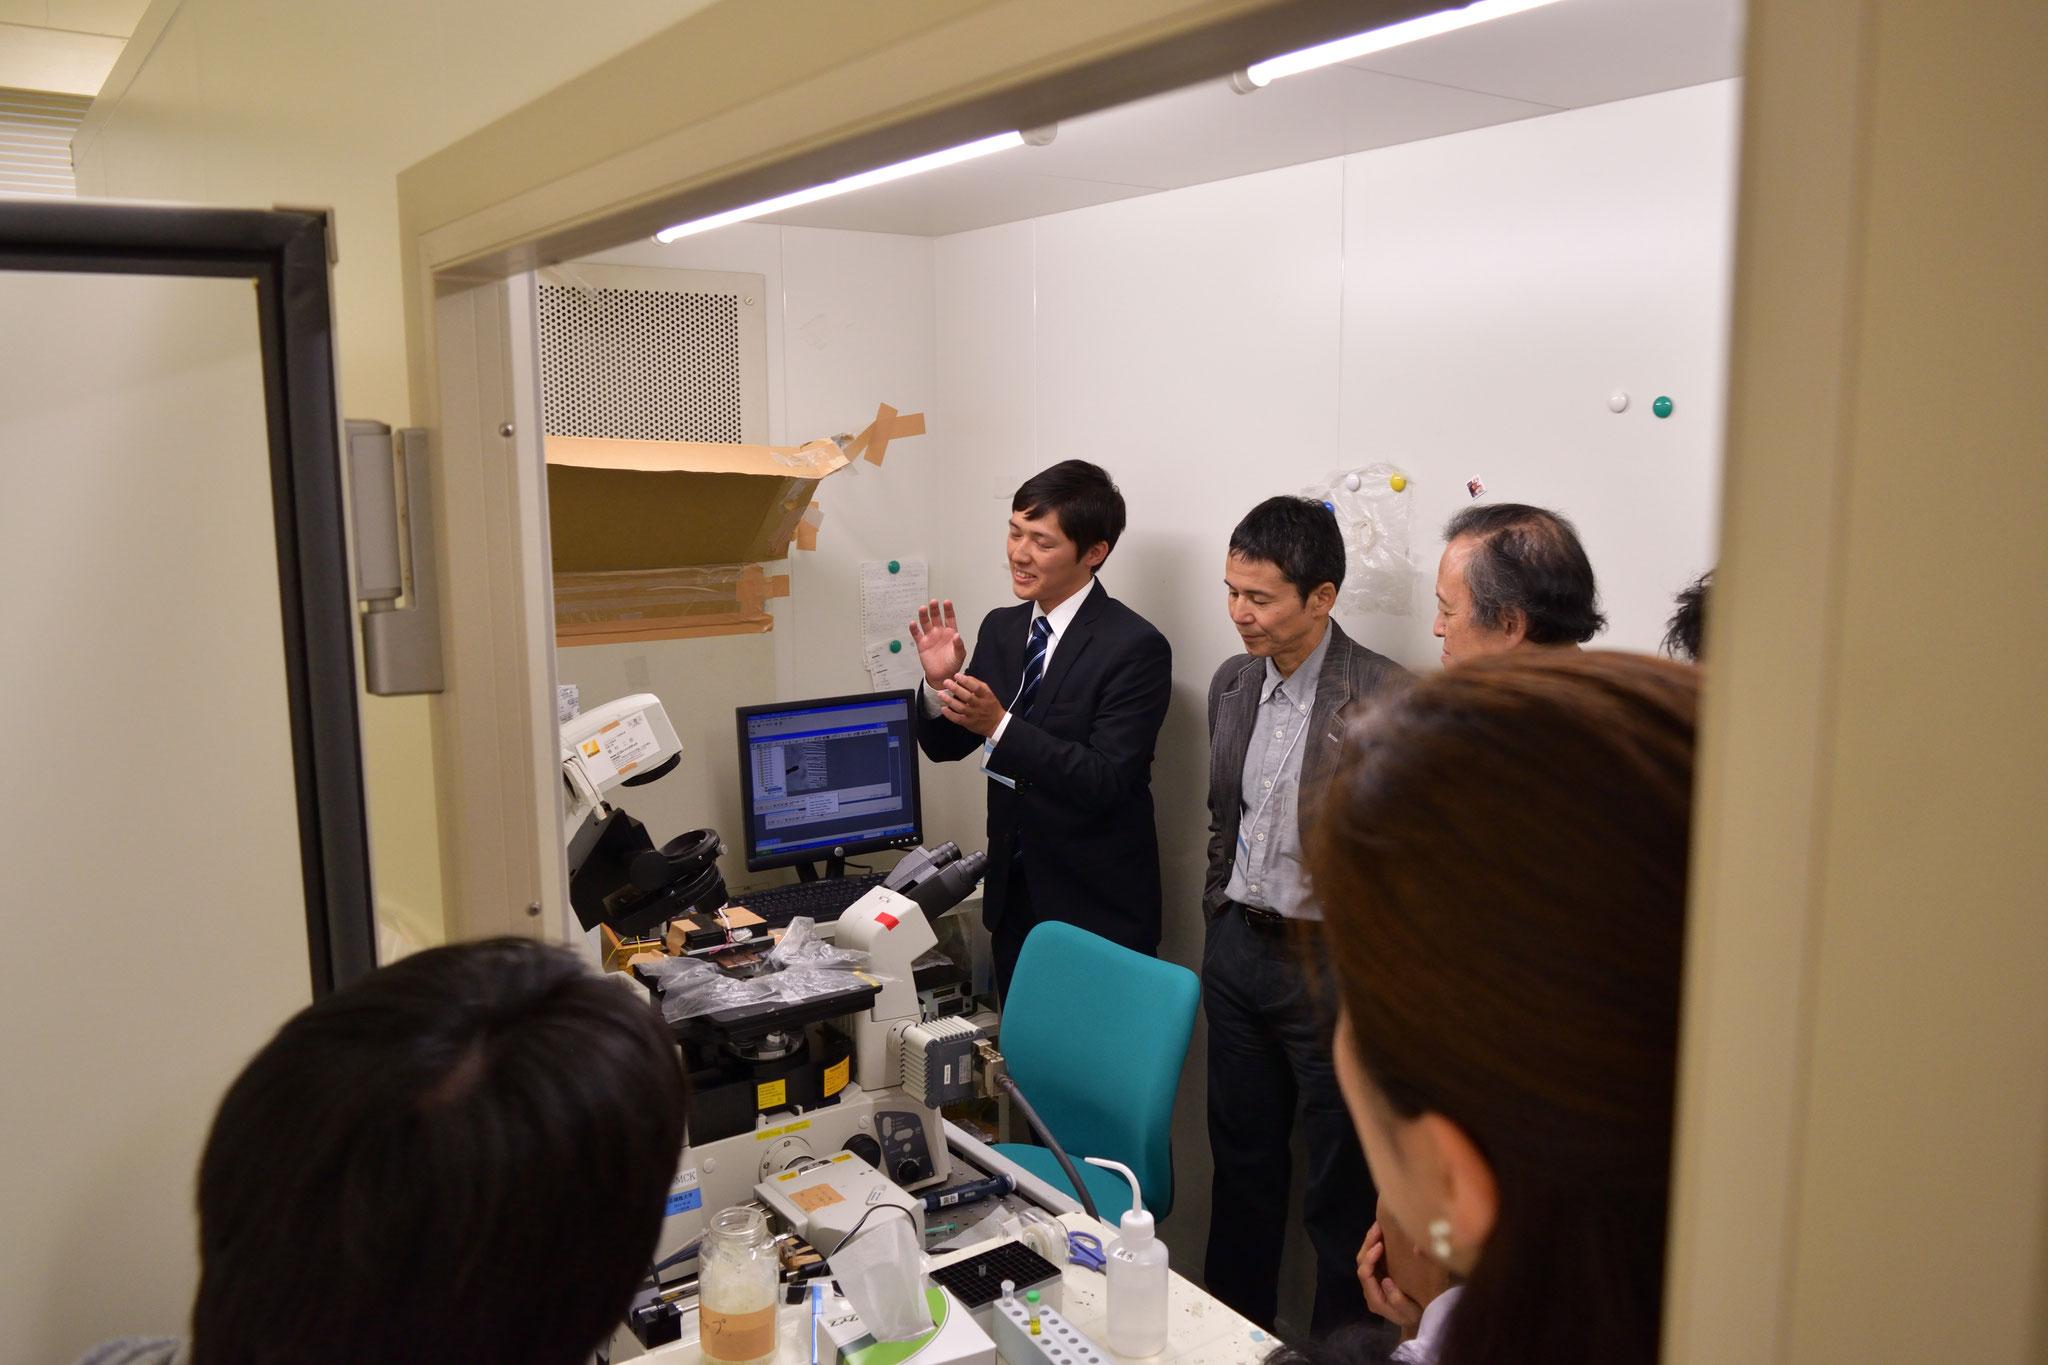 実験室見学2 生物用倒立顕微鏡